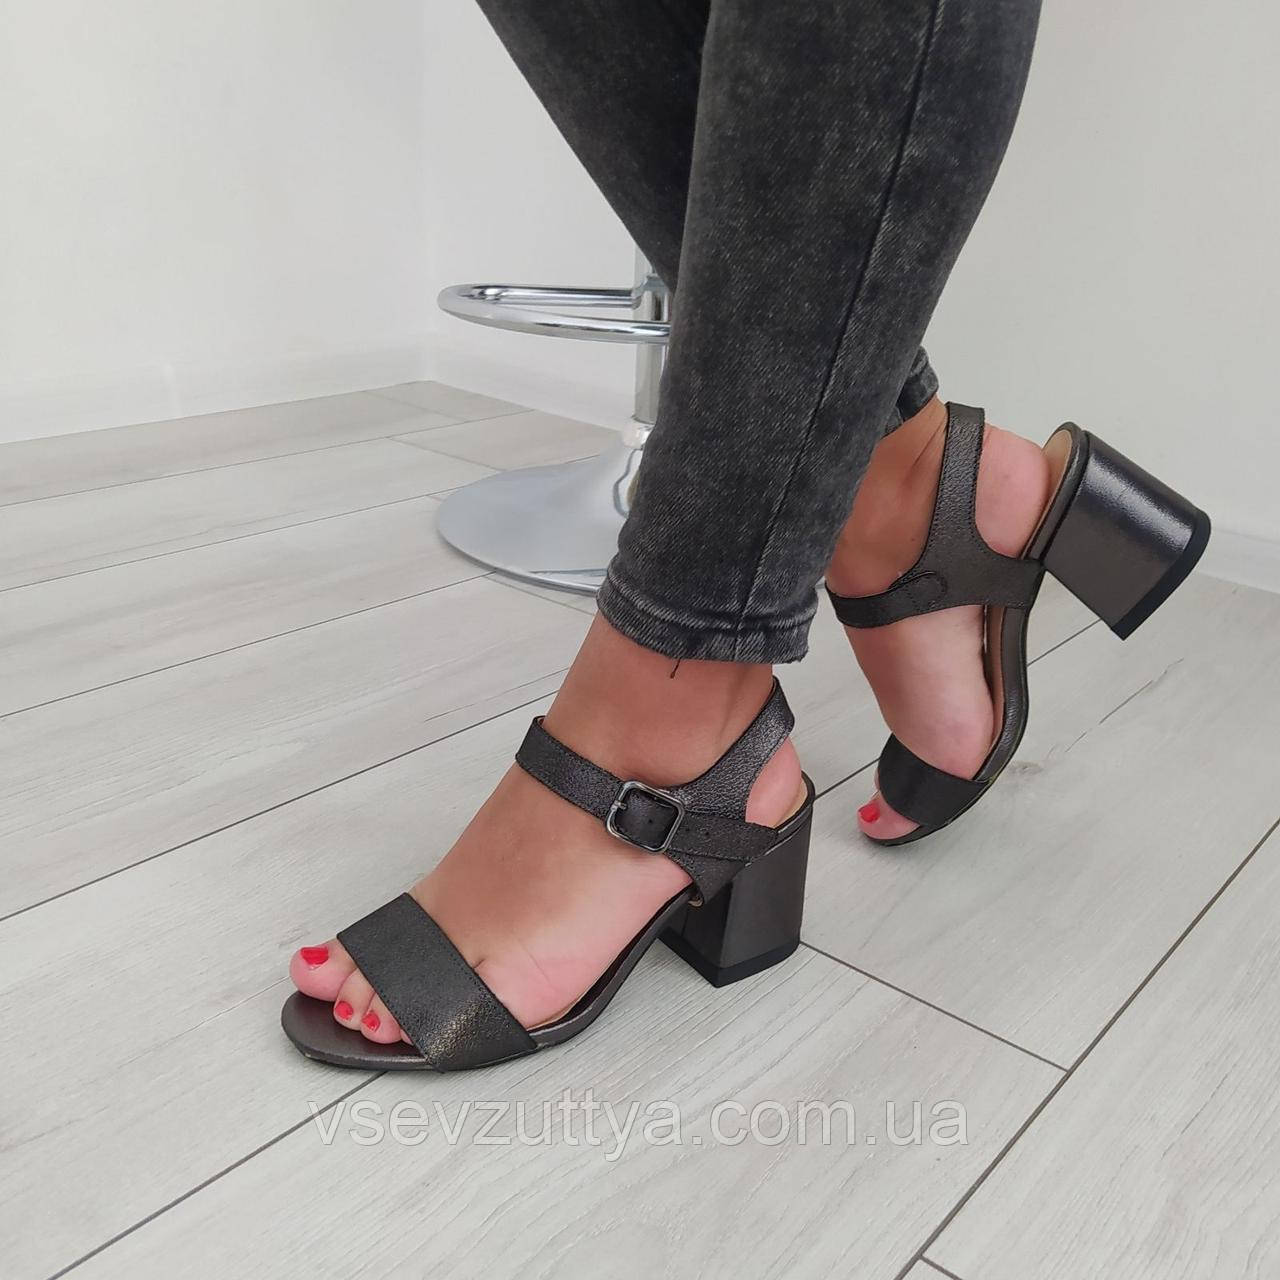 Босоніжки шкіряні жіночі чорні на каблуку